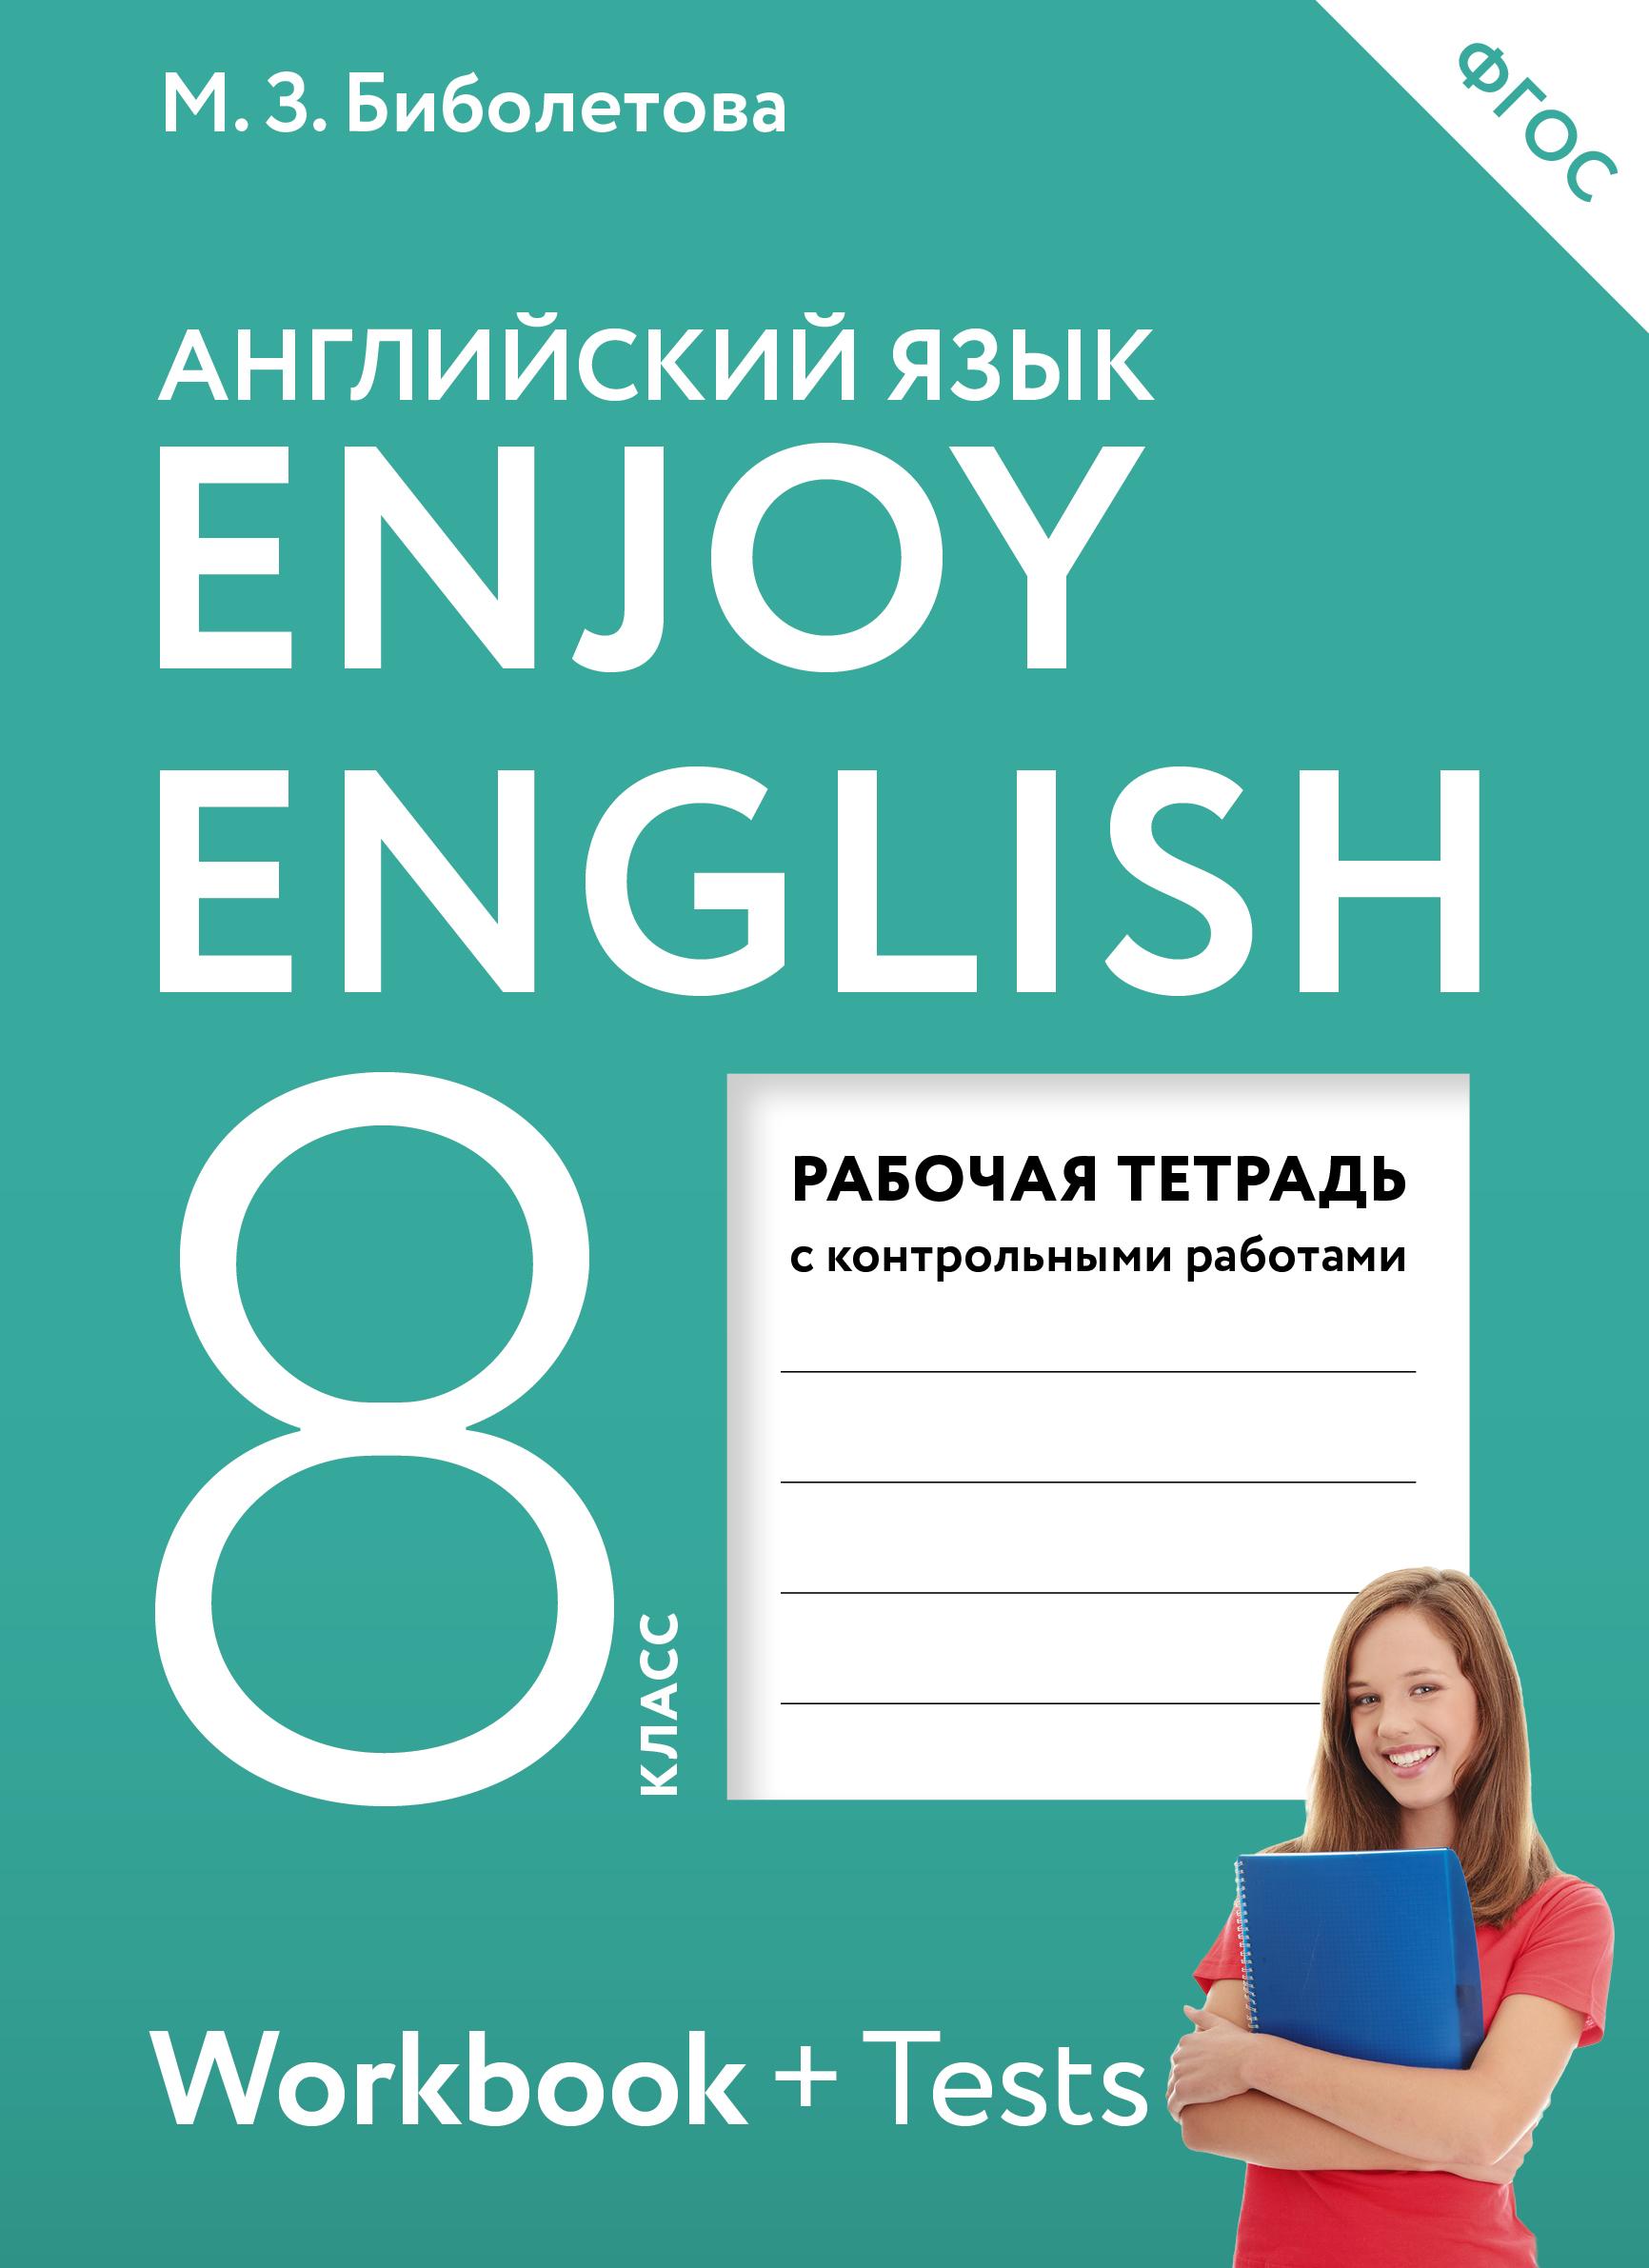 Гдз по английскому класс по учебнику enjoy english